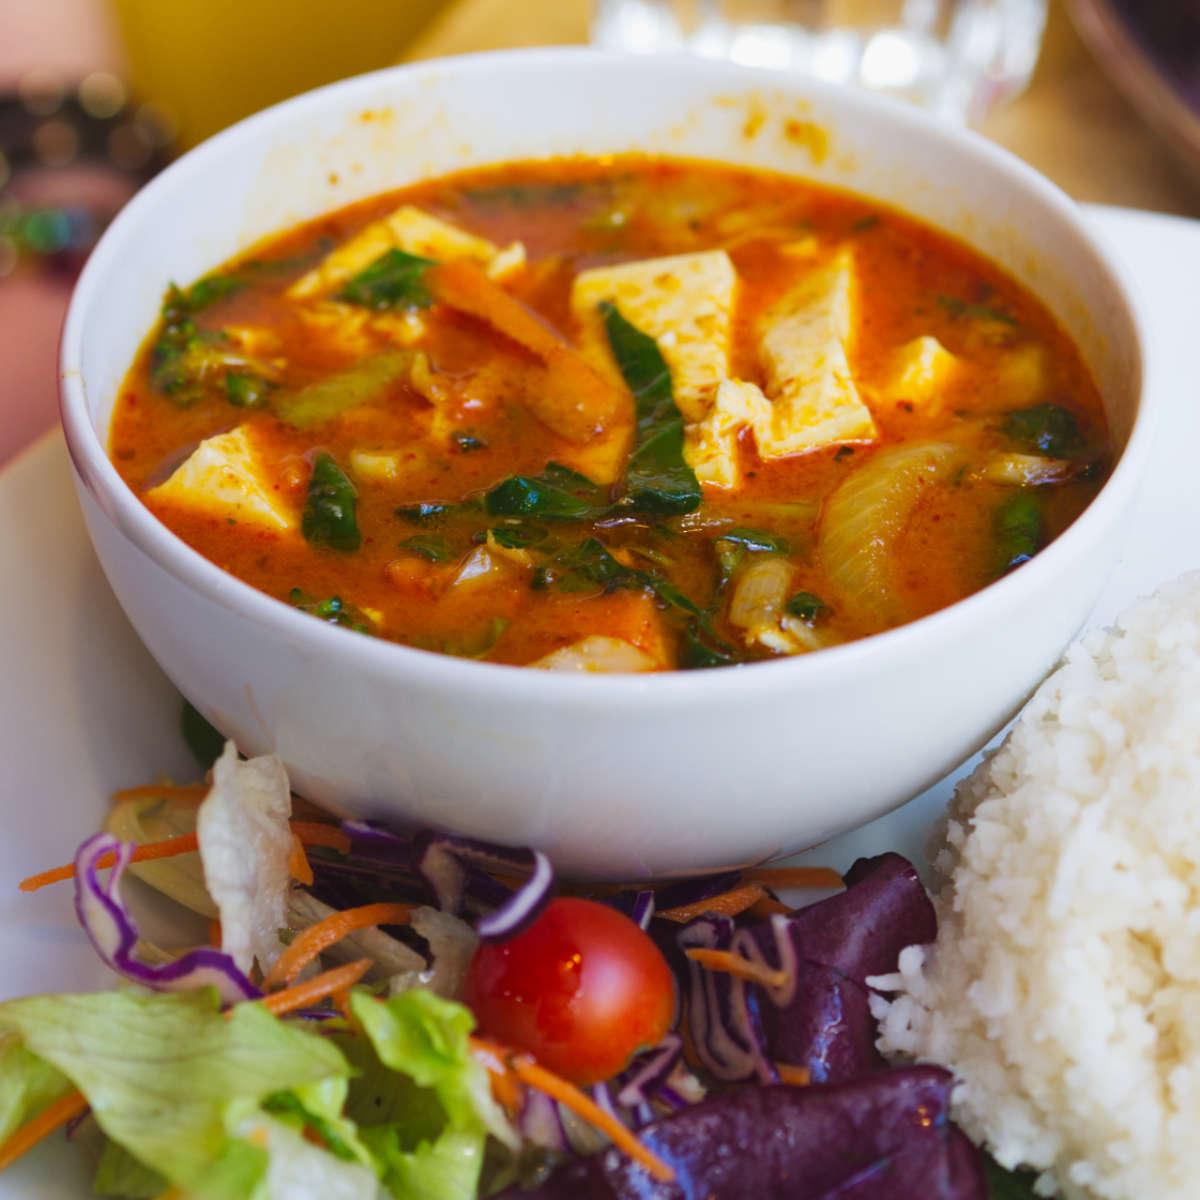 Penang curry at Himalaya Centre, Edinburgh